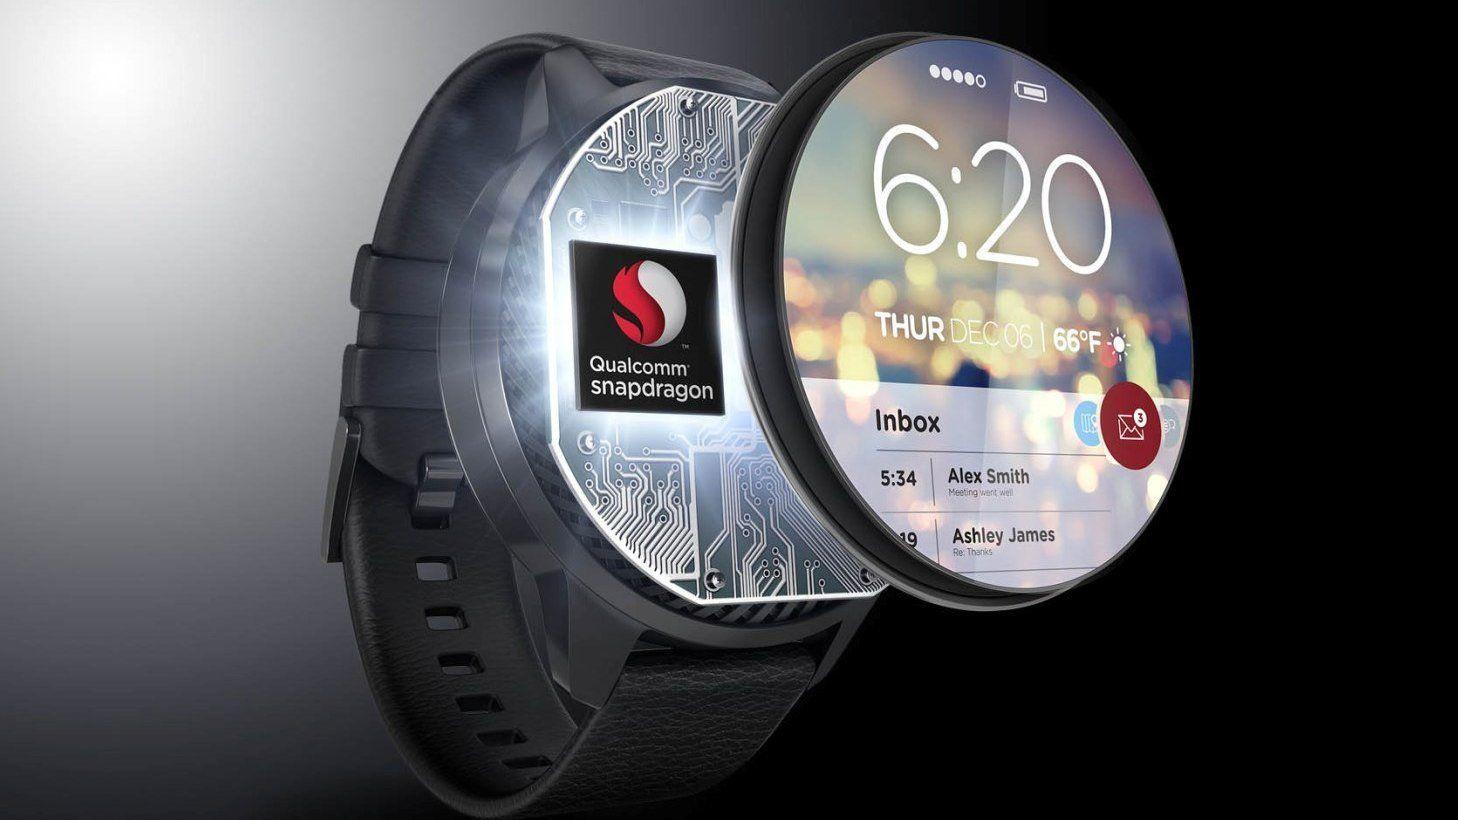 Ny prosessor skal få smartklokka til å se ut som en klokke